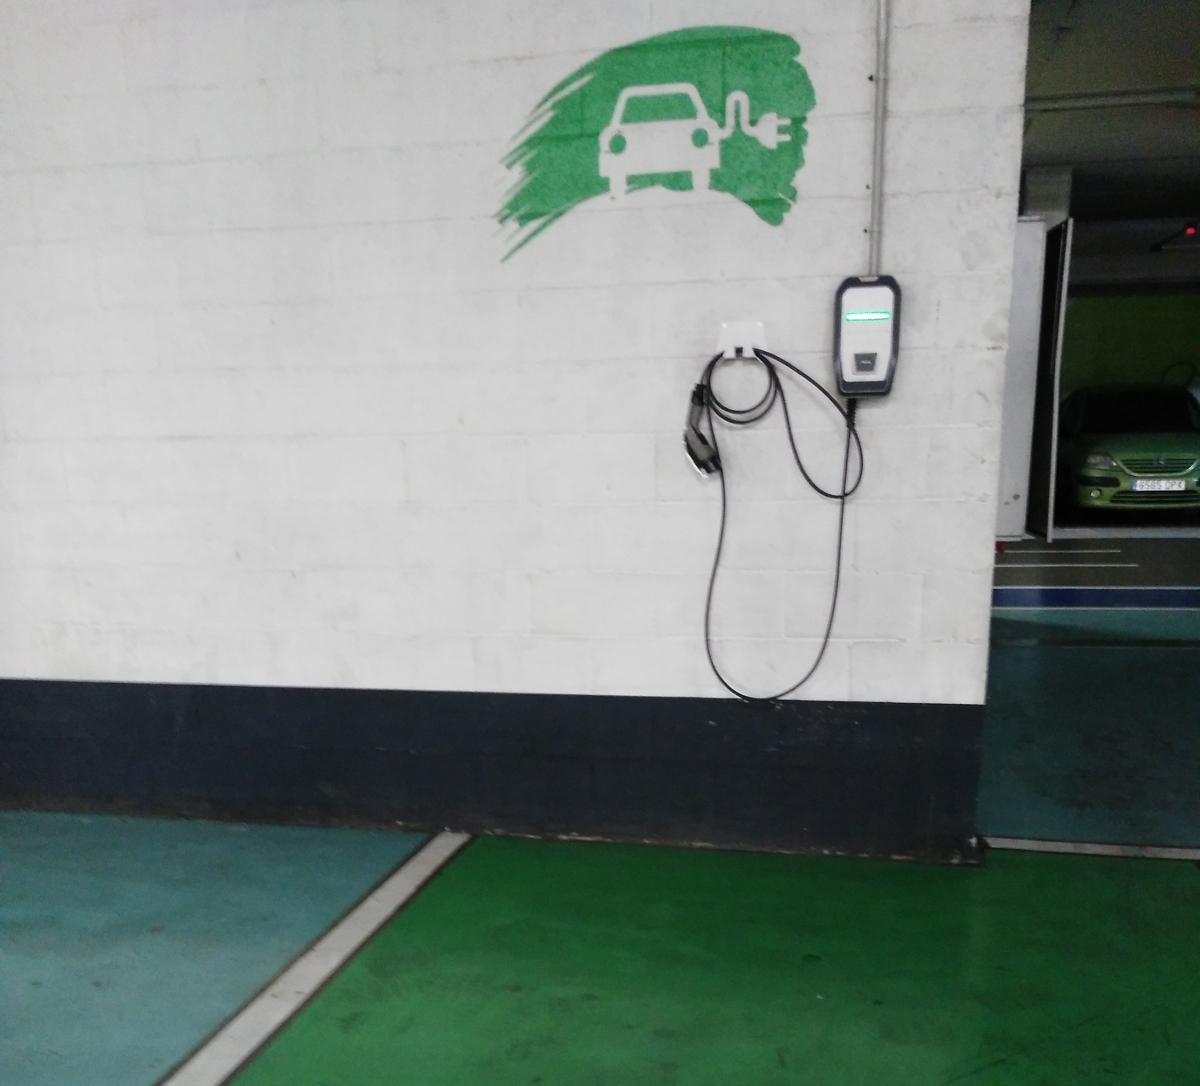 Punto de recarga de vehículos eléctricos en un garaje.